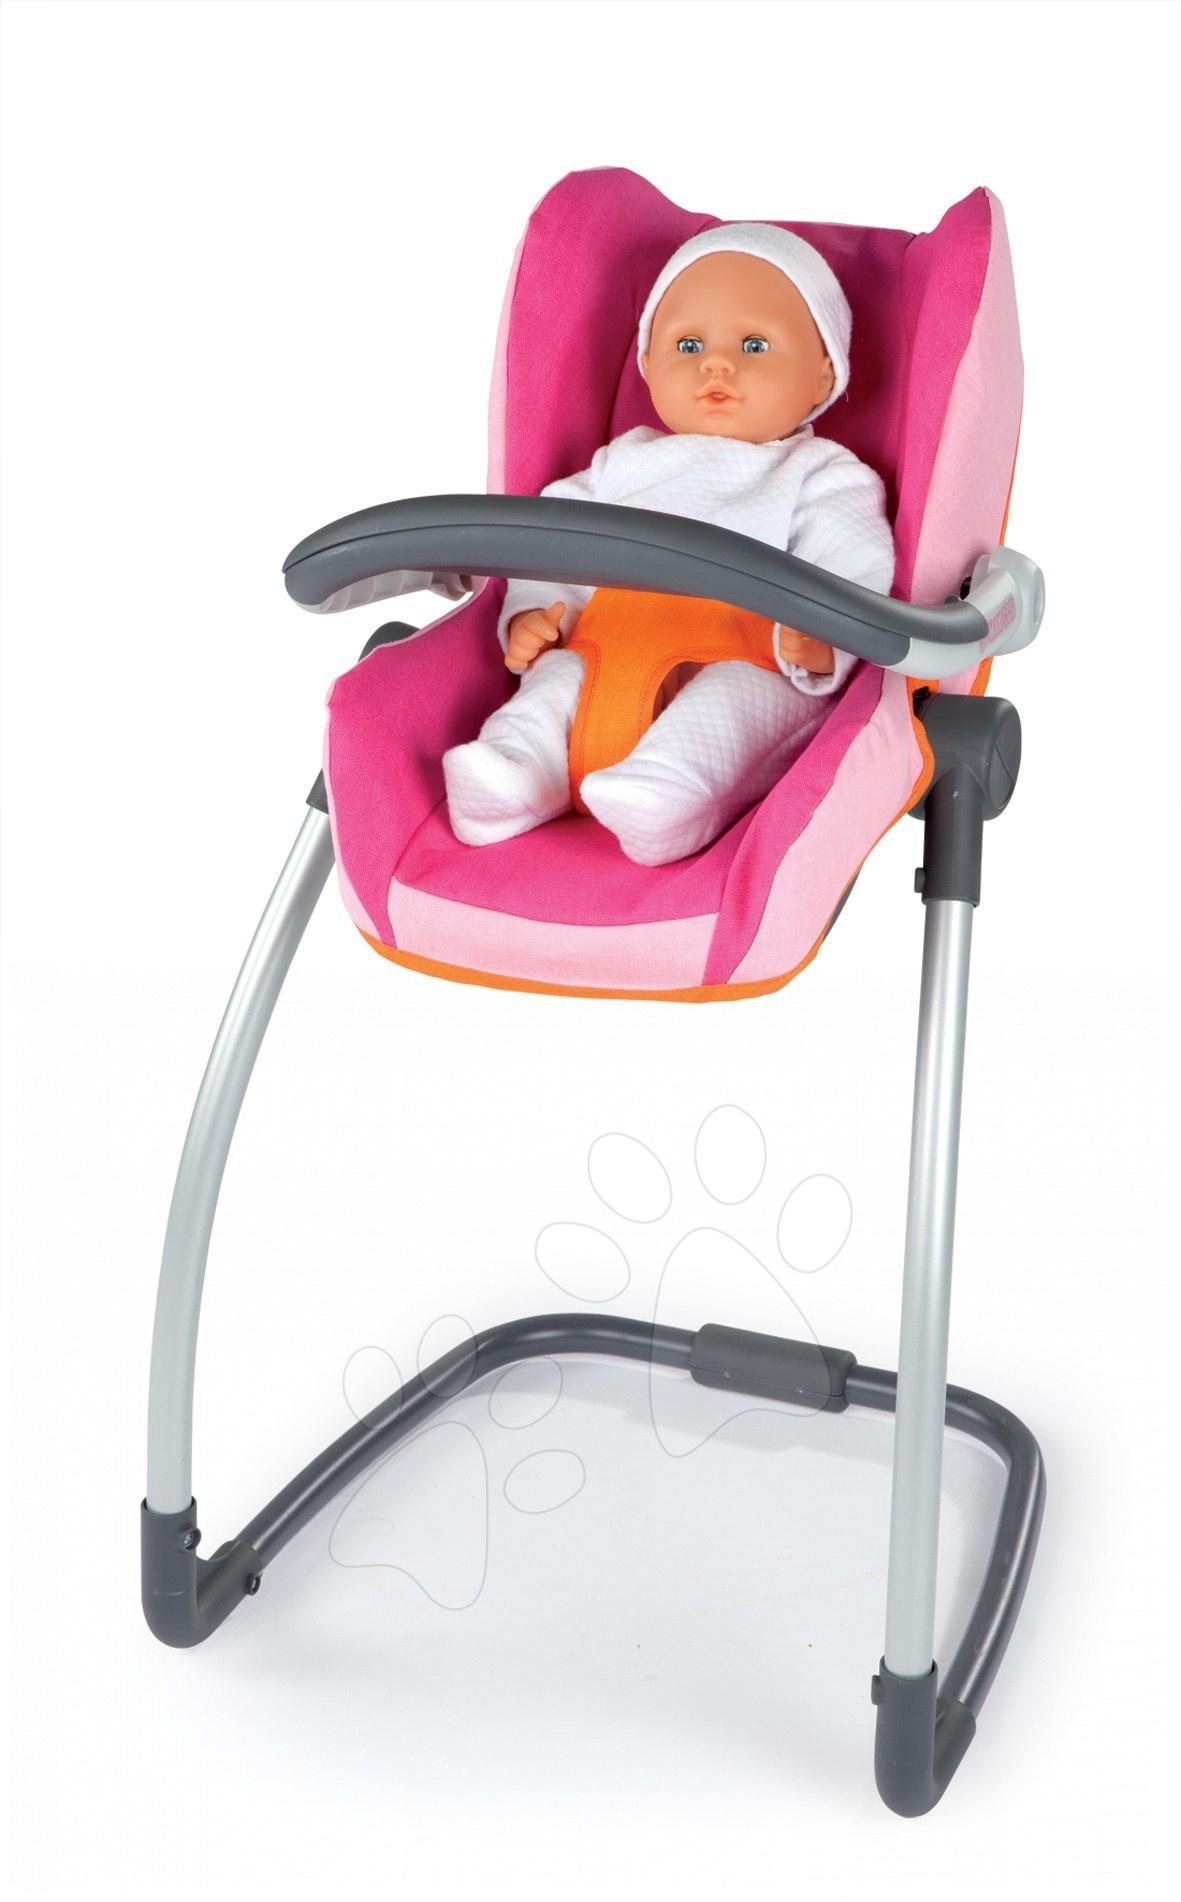 Etetőszék Maxi Cosi & Quinny Smoby autósülés és hinta 3in1 rózsaszín-narancssárga